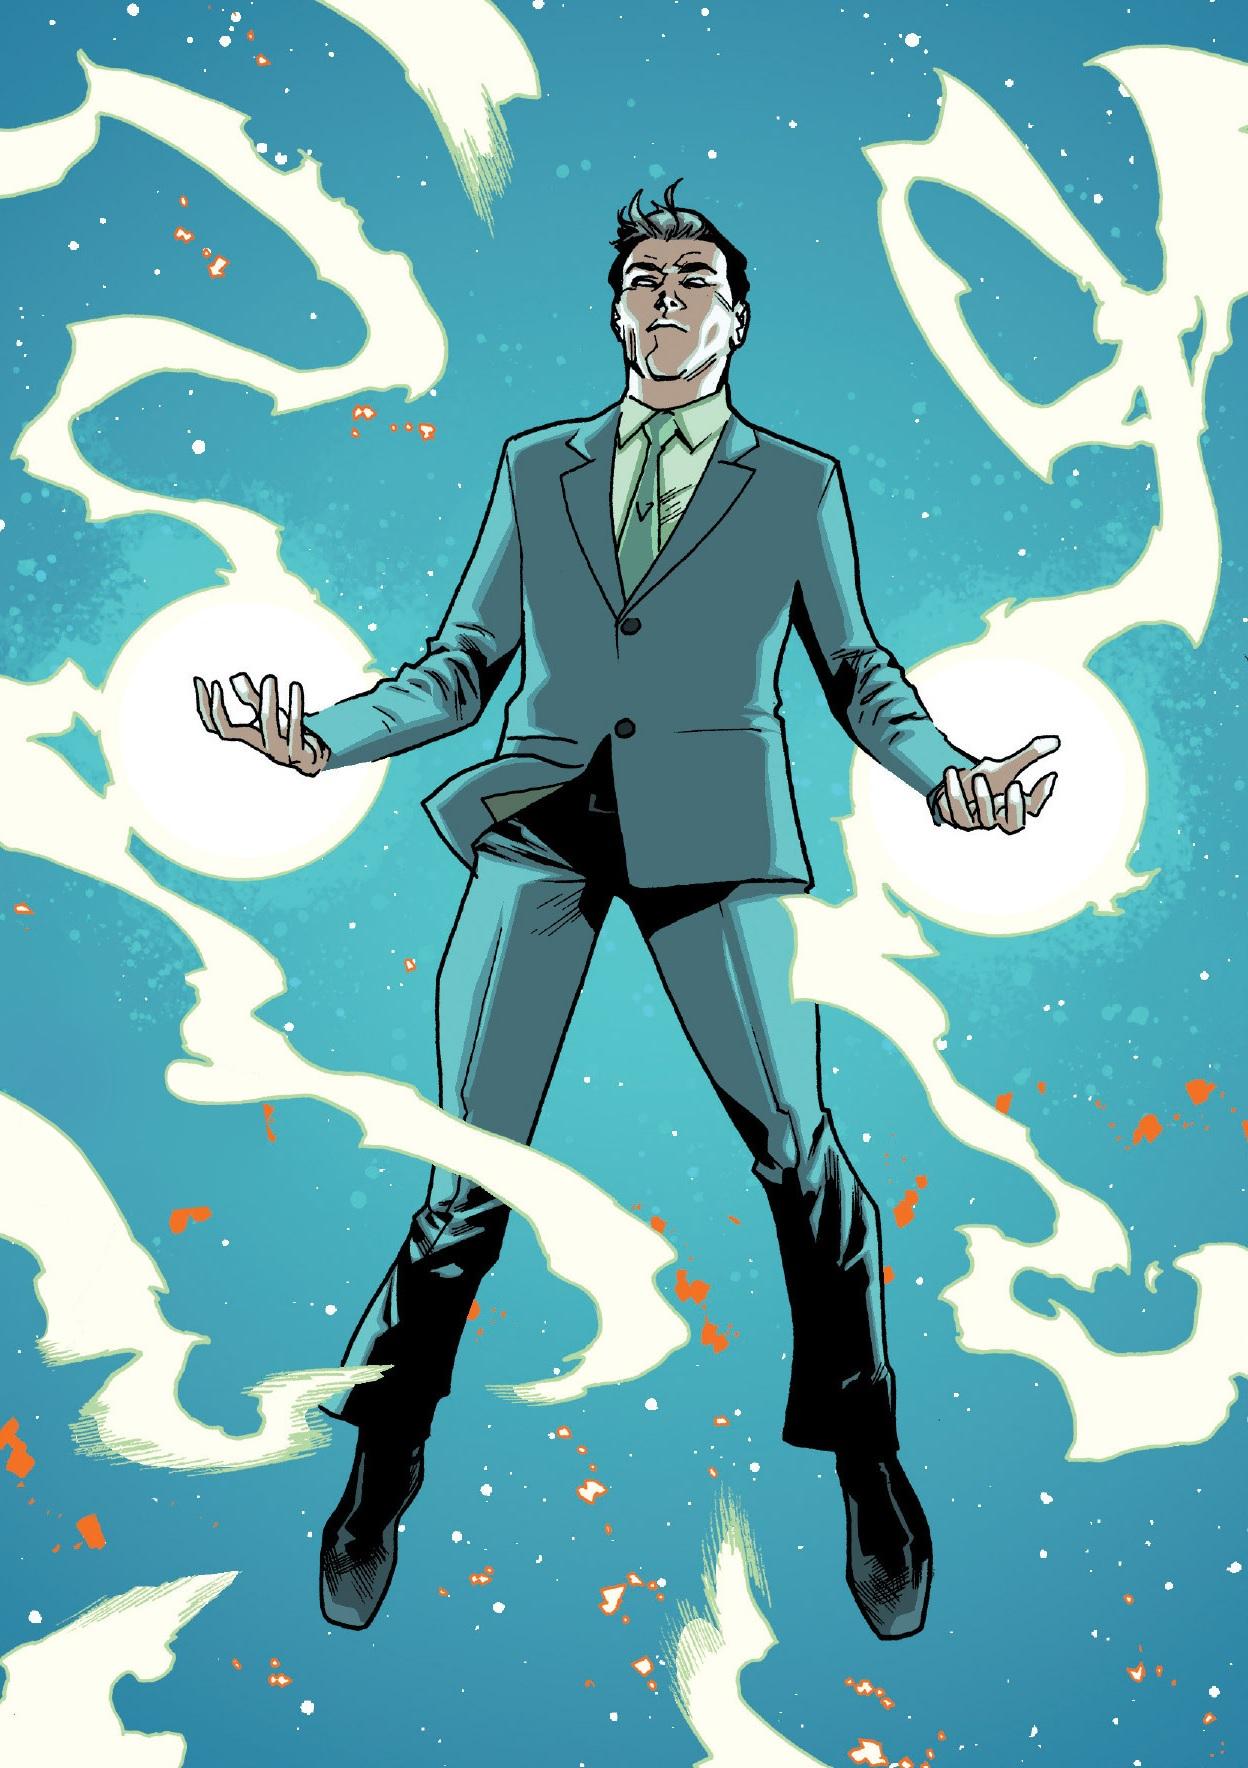 Top 7 phiên bản của phản diện nổi tiếng Nathaniel Richards - Kang The Conqueror trong vũ trụ Marvel - Ảnh 7.